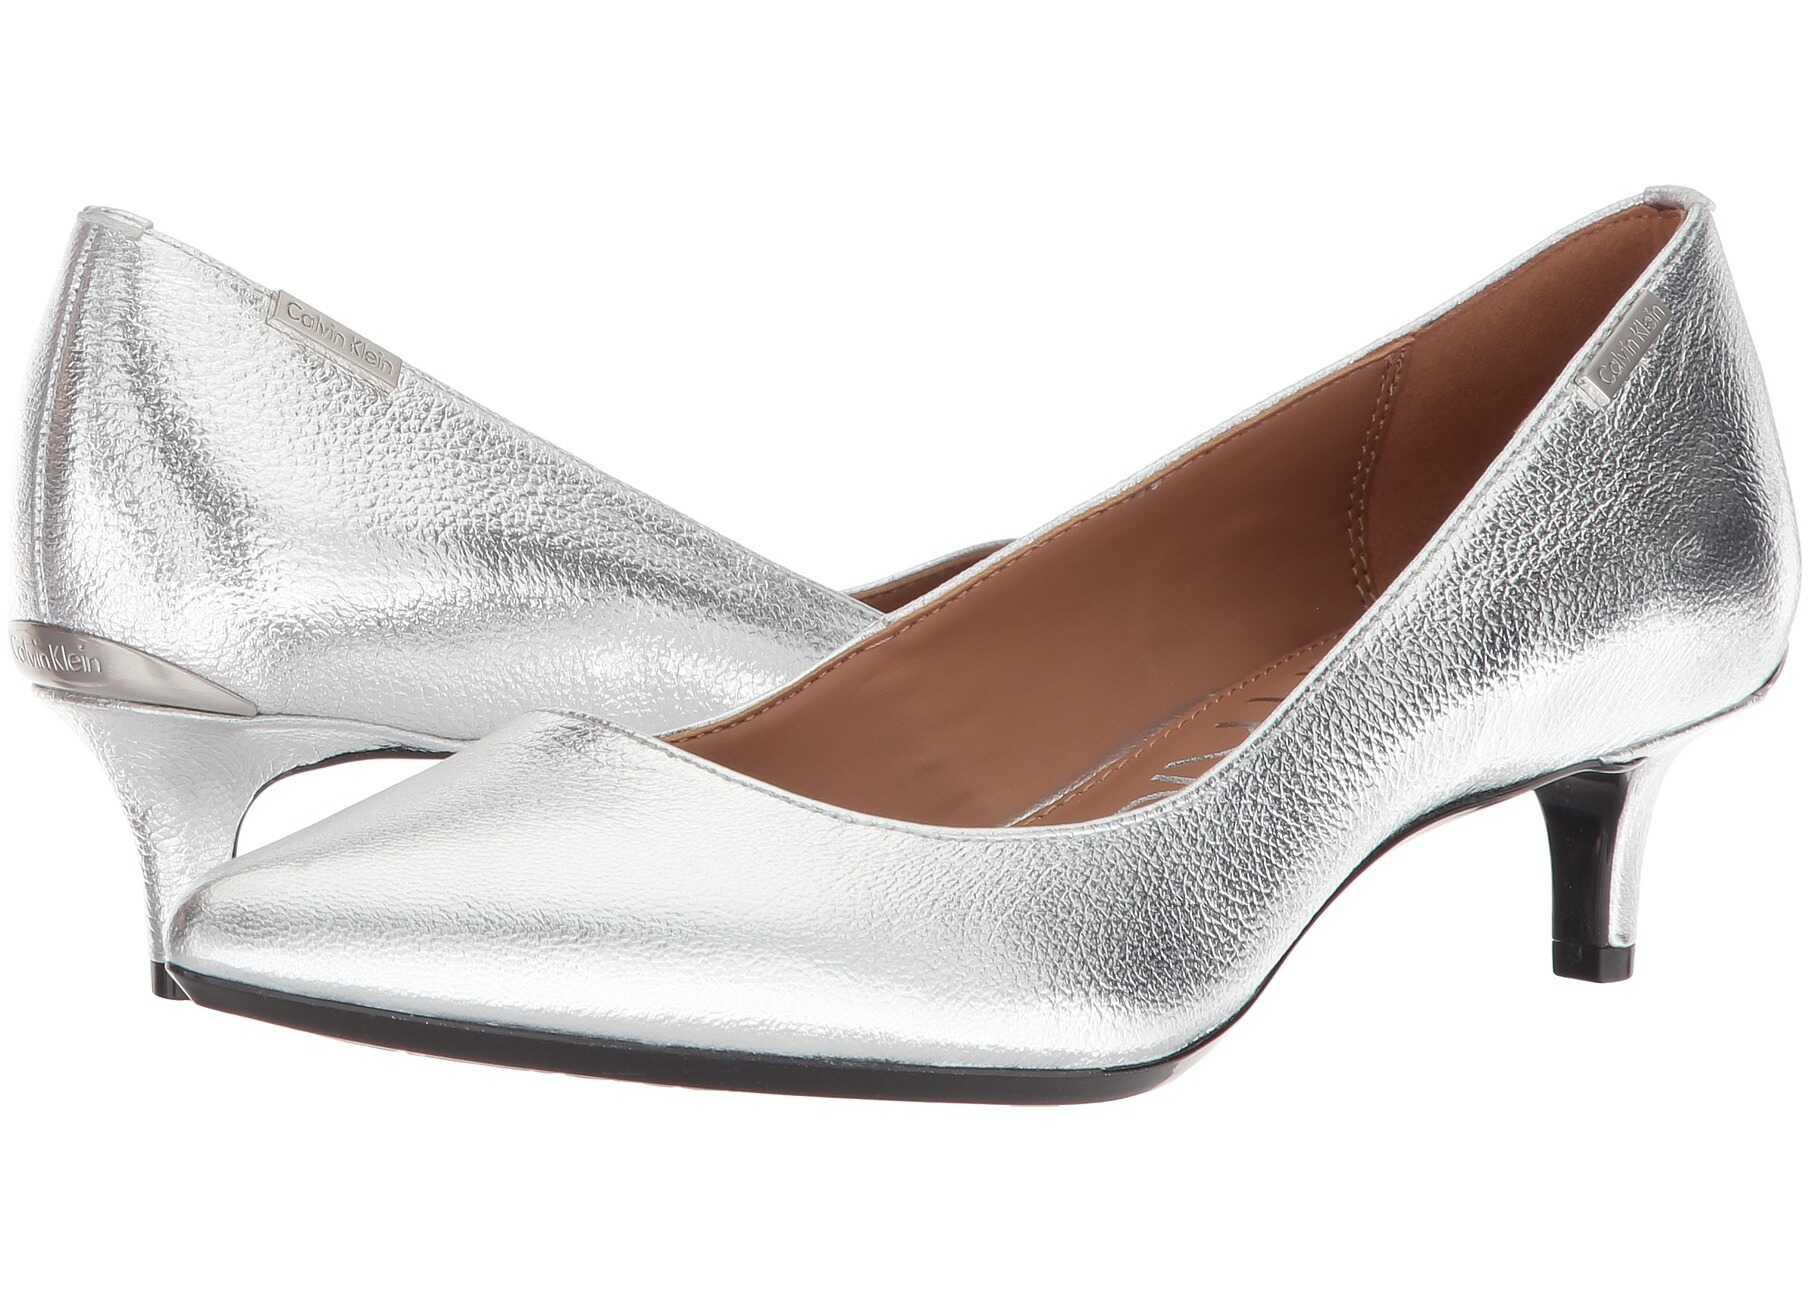 Calvin Klein Gabrianna Pump Silver 1